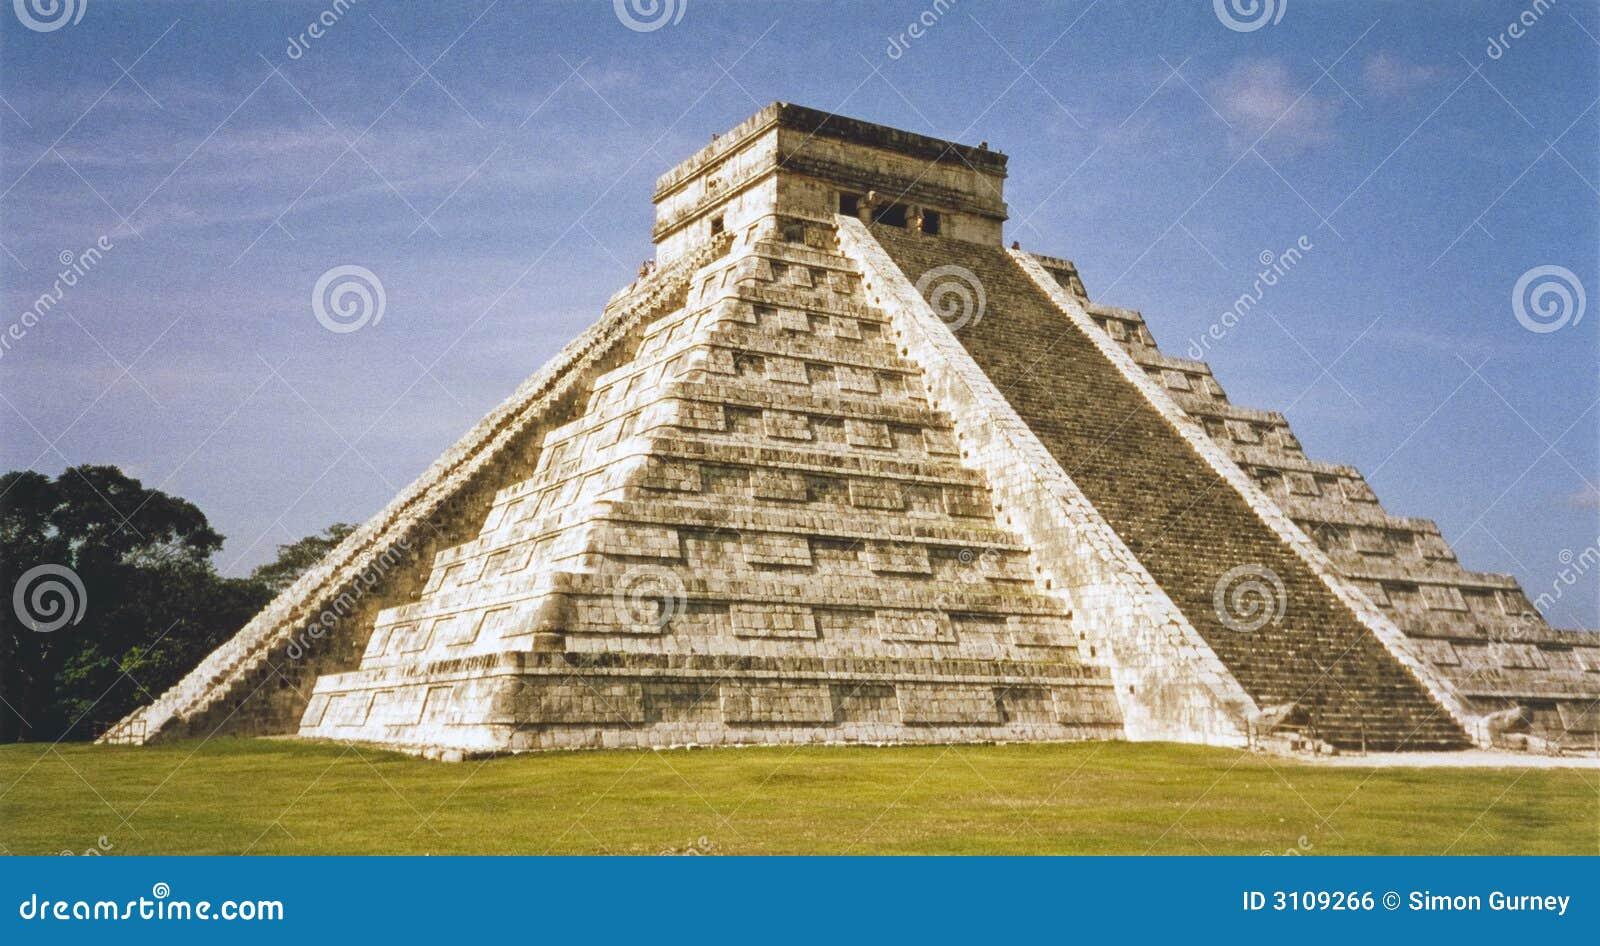 Mayan Temple Pyramid Chichen Itza Mexico